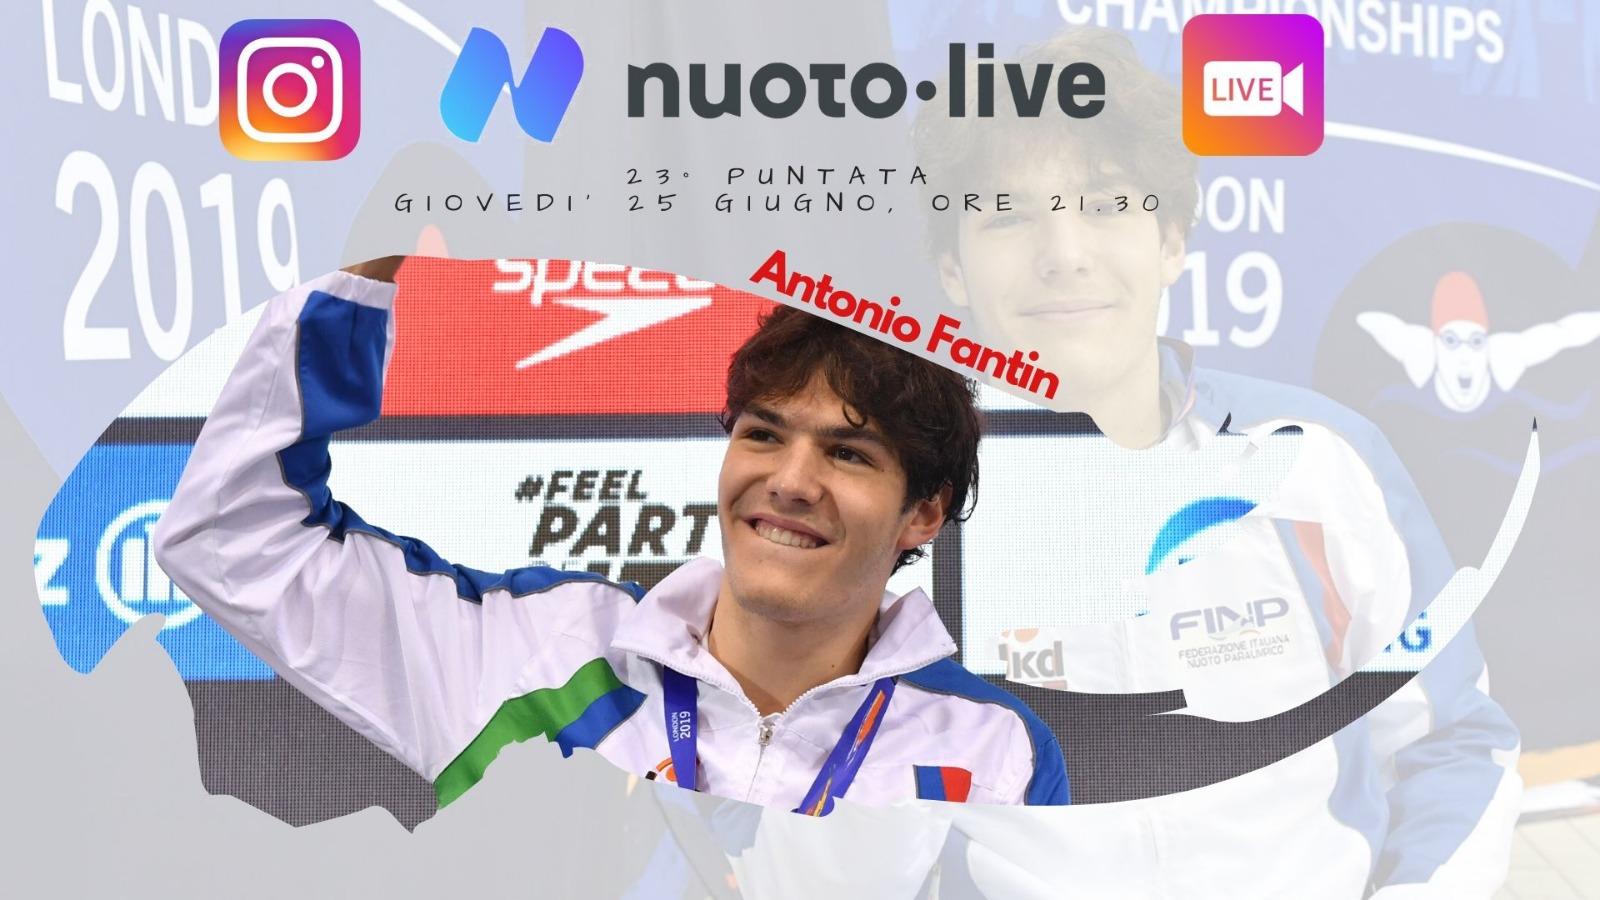 """Nuotopuntolive, 23° puntata. Antonio Fantin: """"Vincere e poi confermarsi, due emozioni diverse"""""""